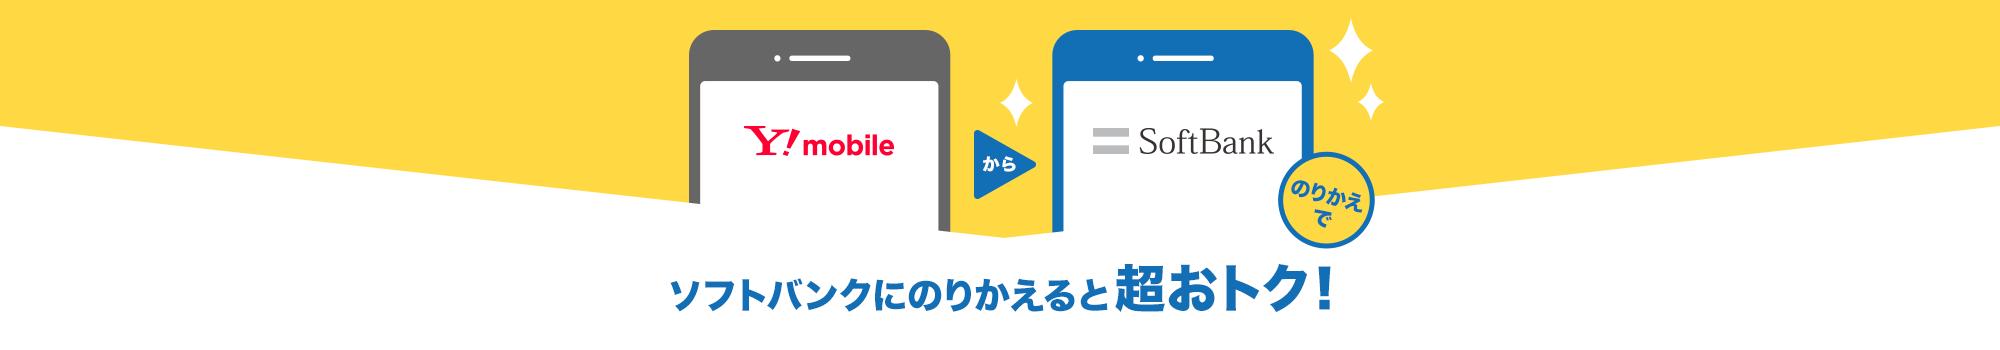 ワイモバイル→ソフトバンクのりかえ特典